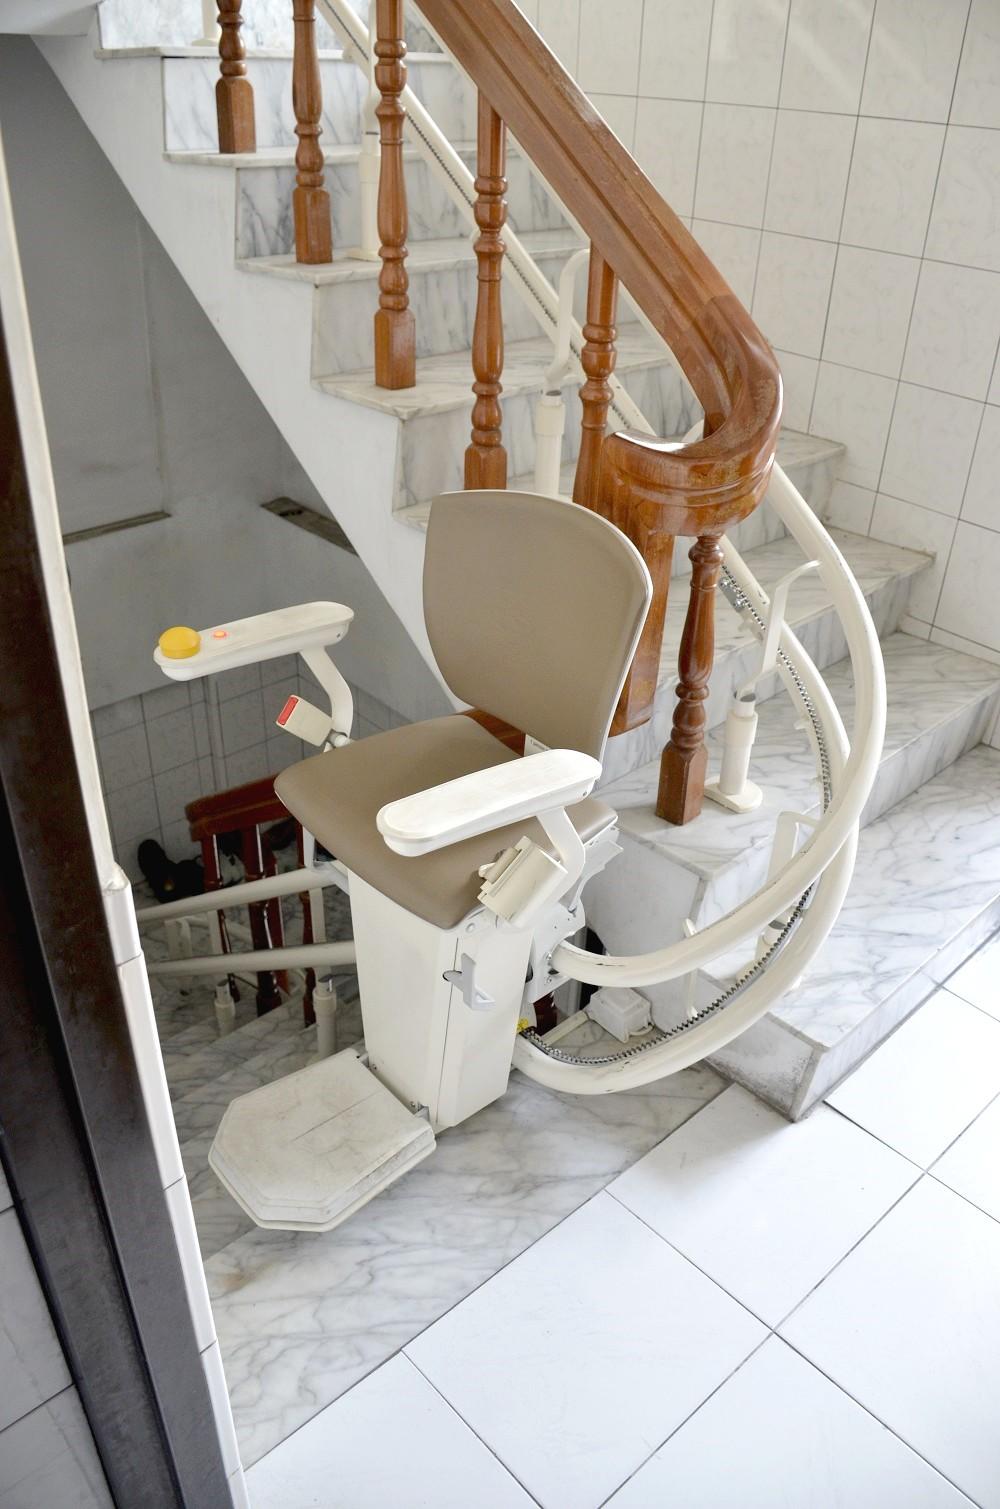 電梯座椅附有包覆性腰帶